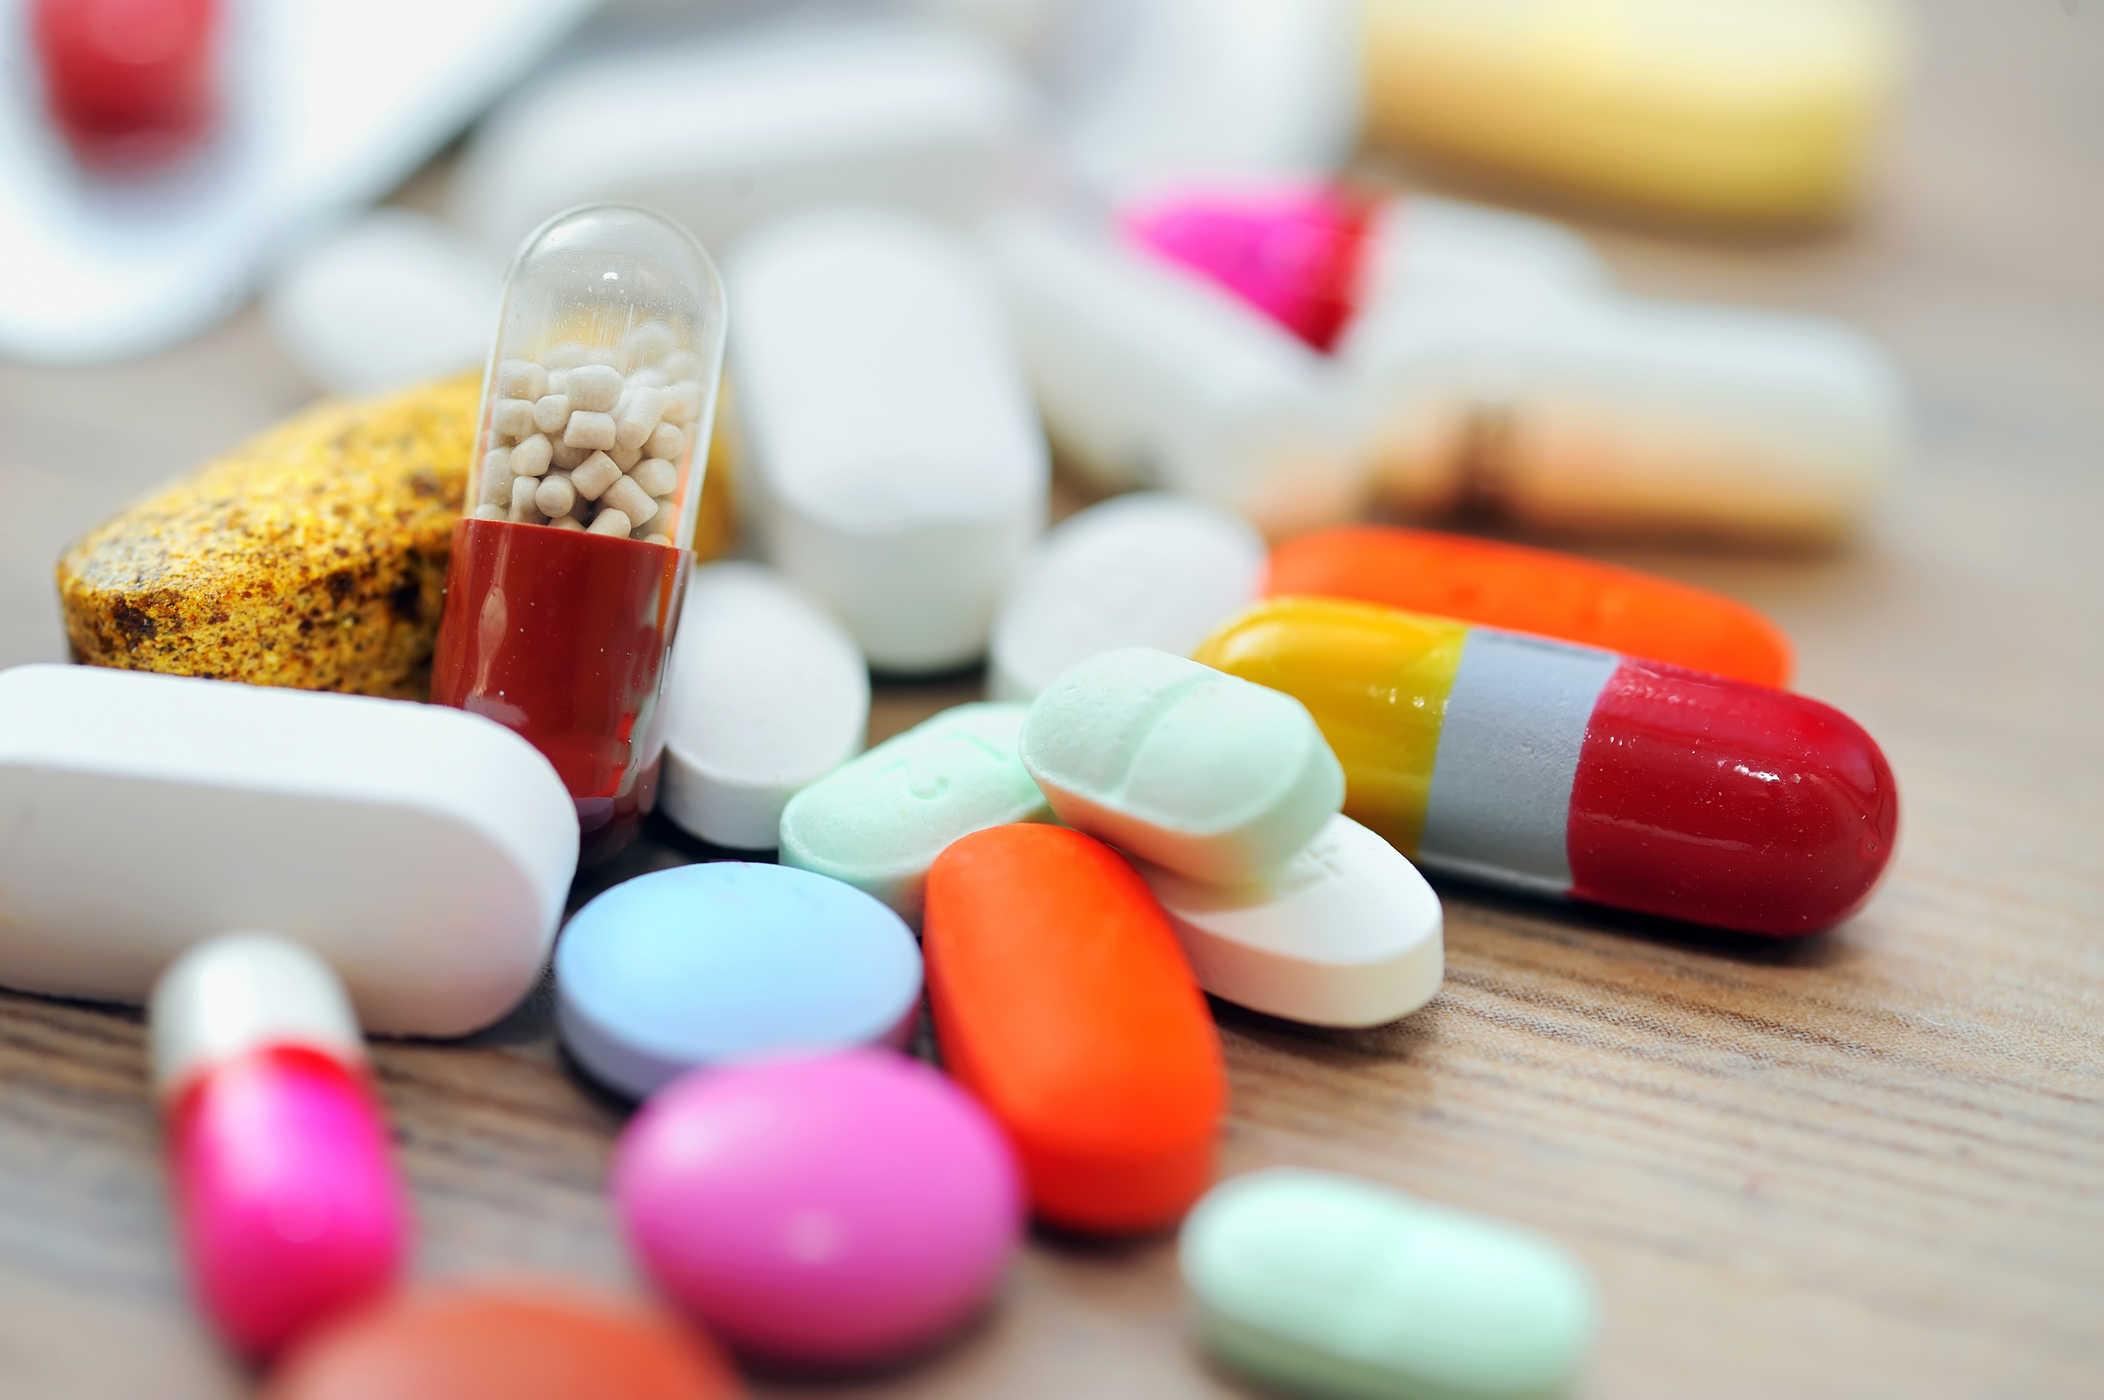 पेनकिलरच्या 'या' औषधामुळे वाढतो हार्ट अटॅकचा धोका